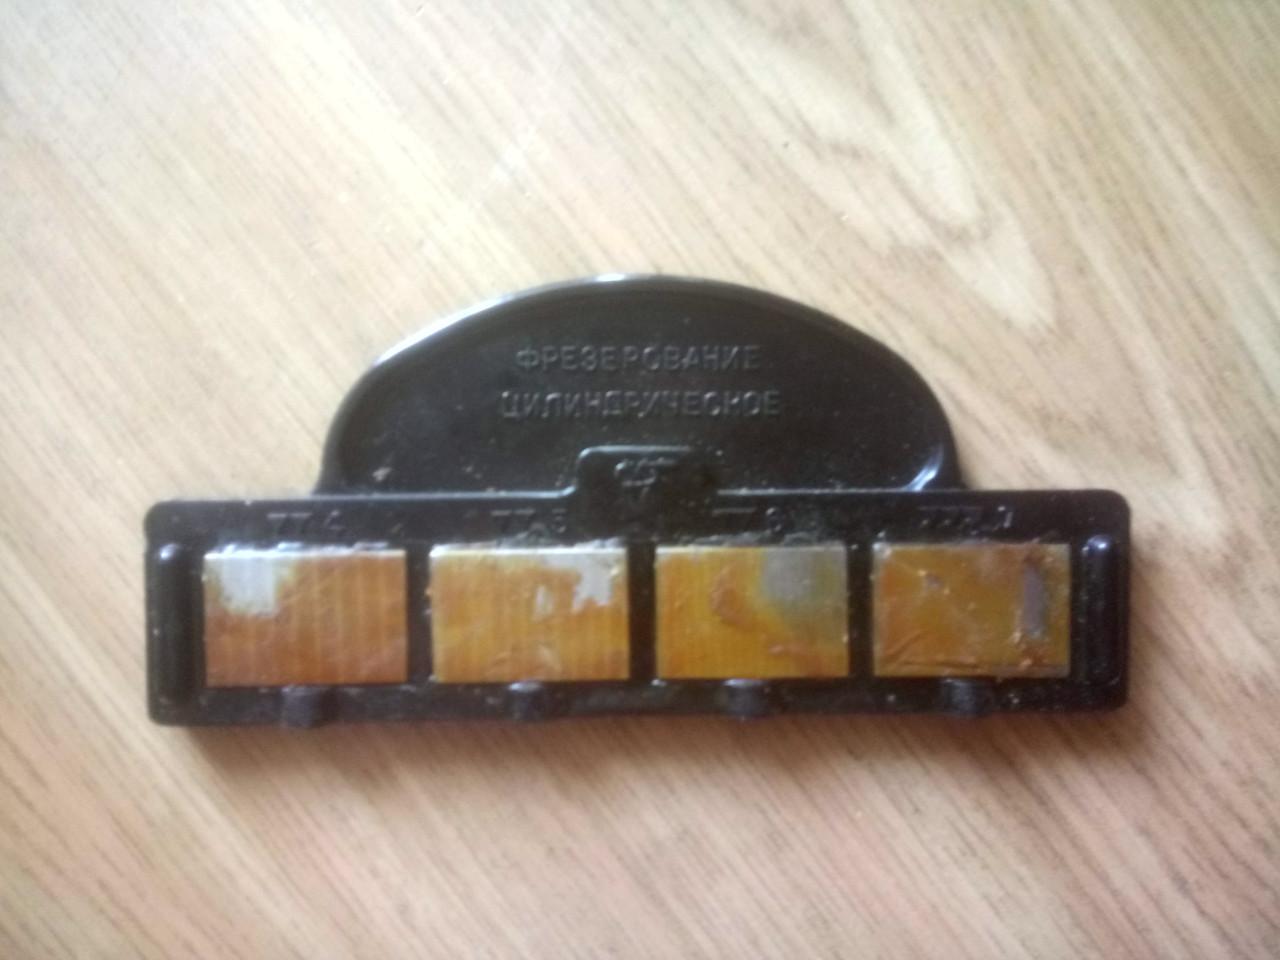 Образцы шероховатости по стали,фрезерование цилиндрическое и другие меры, возможна калибровка в УкрЦСМ, фото 1